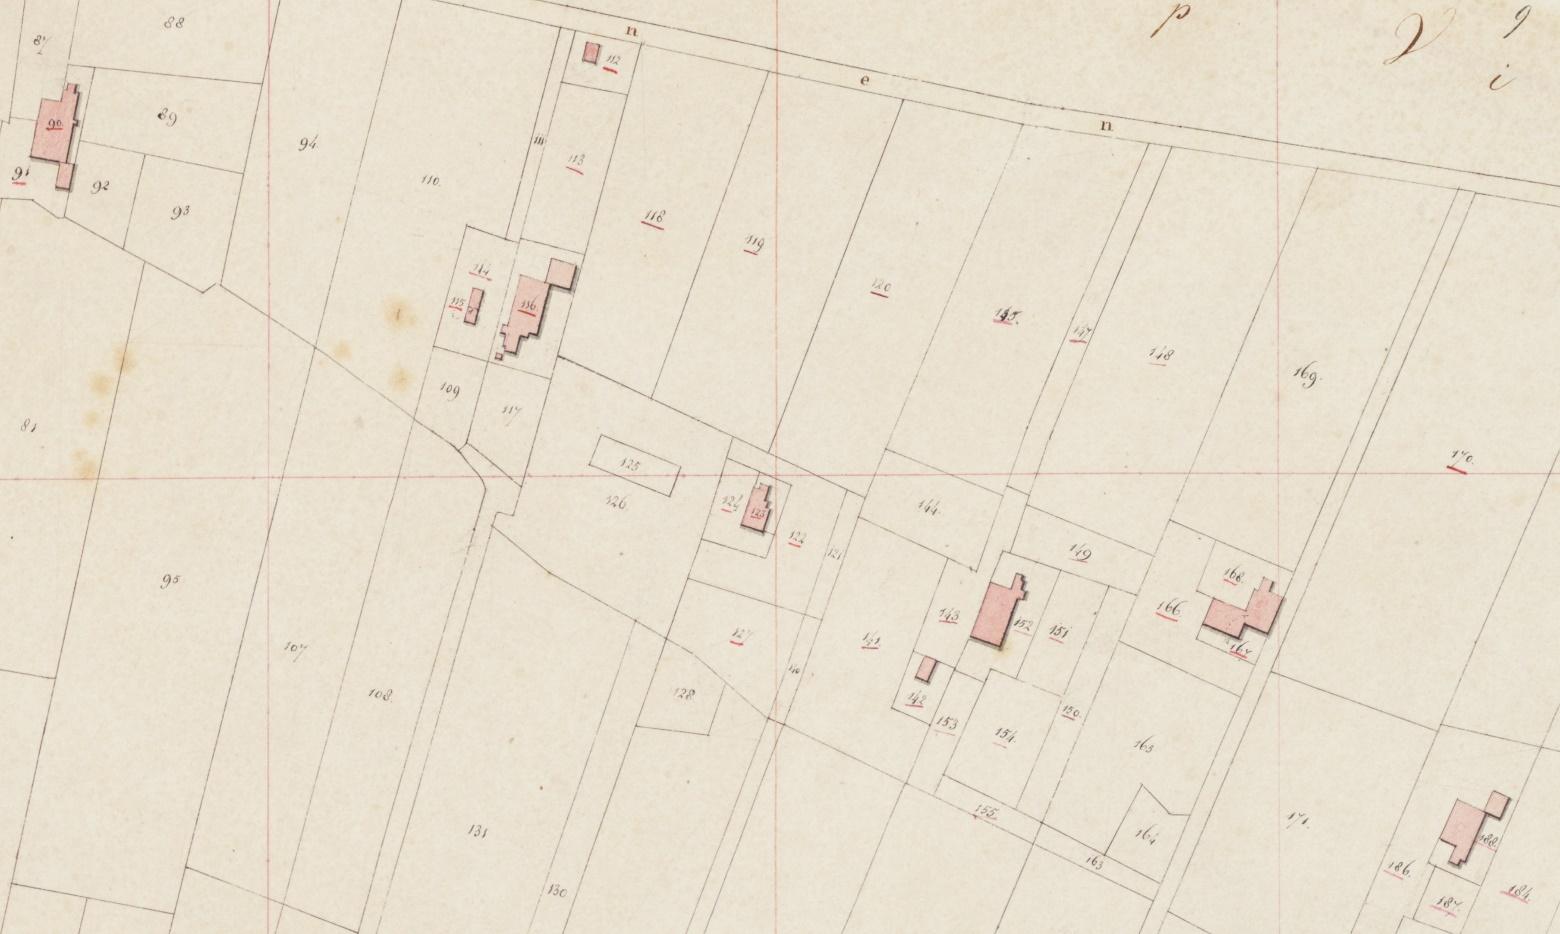 Situering aangekochte grond door Linze Siegers Schuurman op 25 april 1870. O.a. de nummers 148-155. De ouderlijke boerderij is nr. 116.